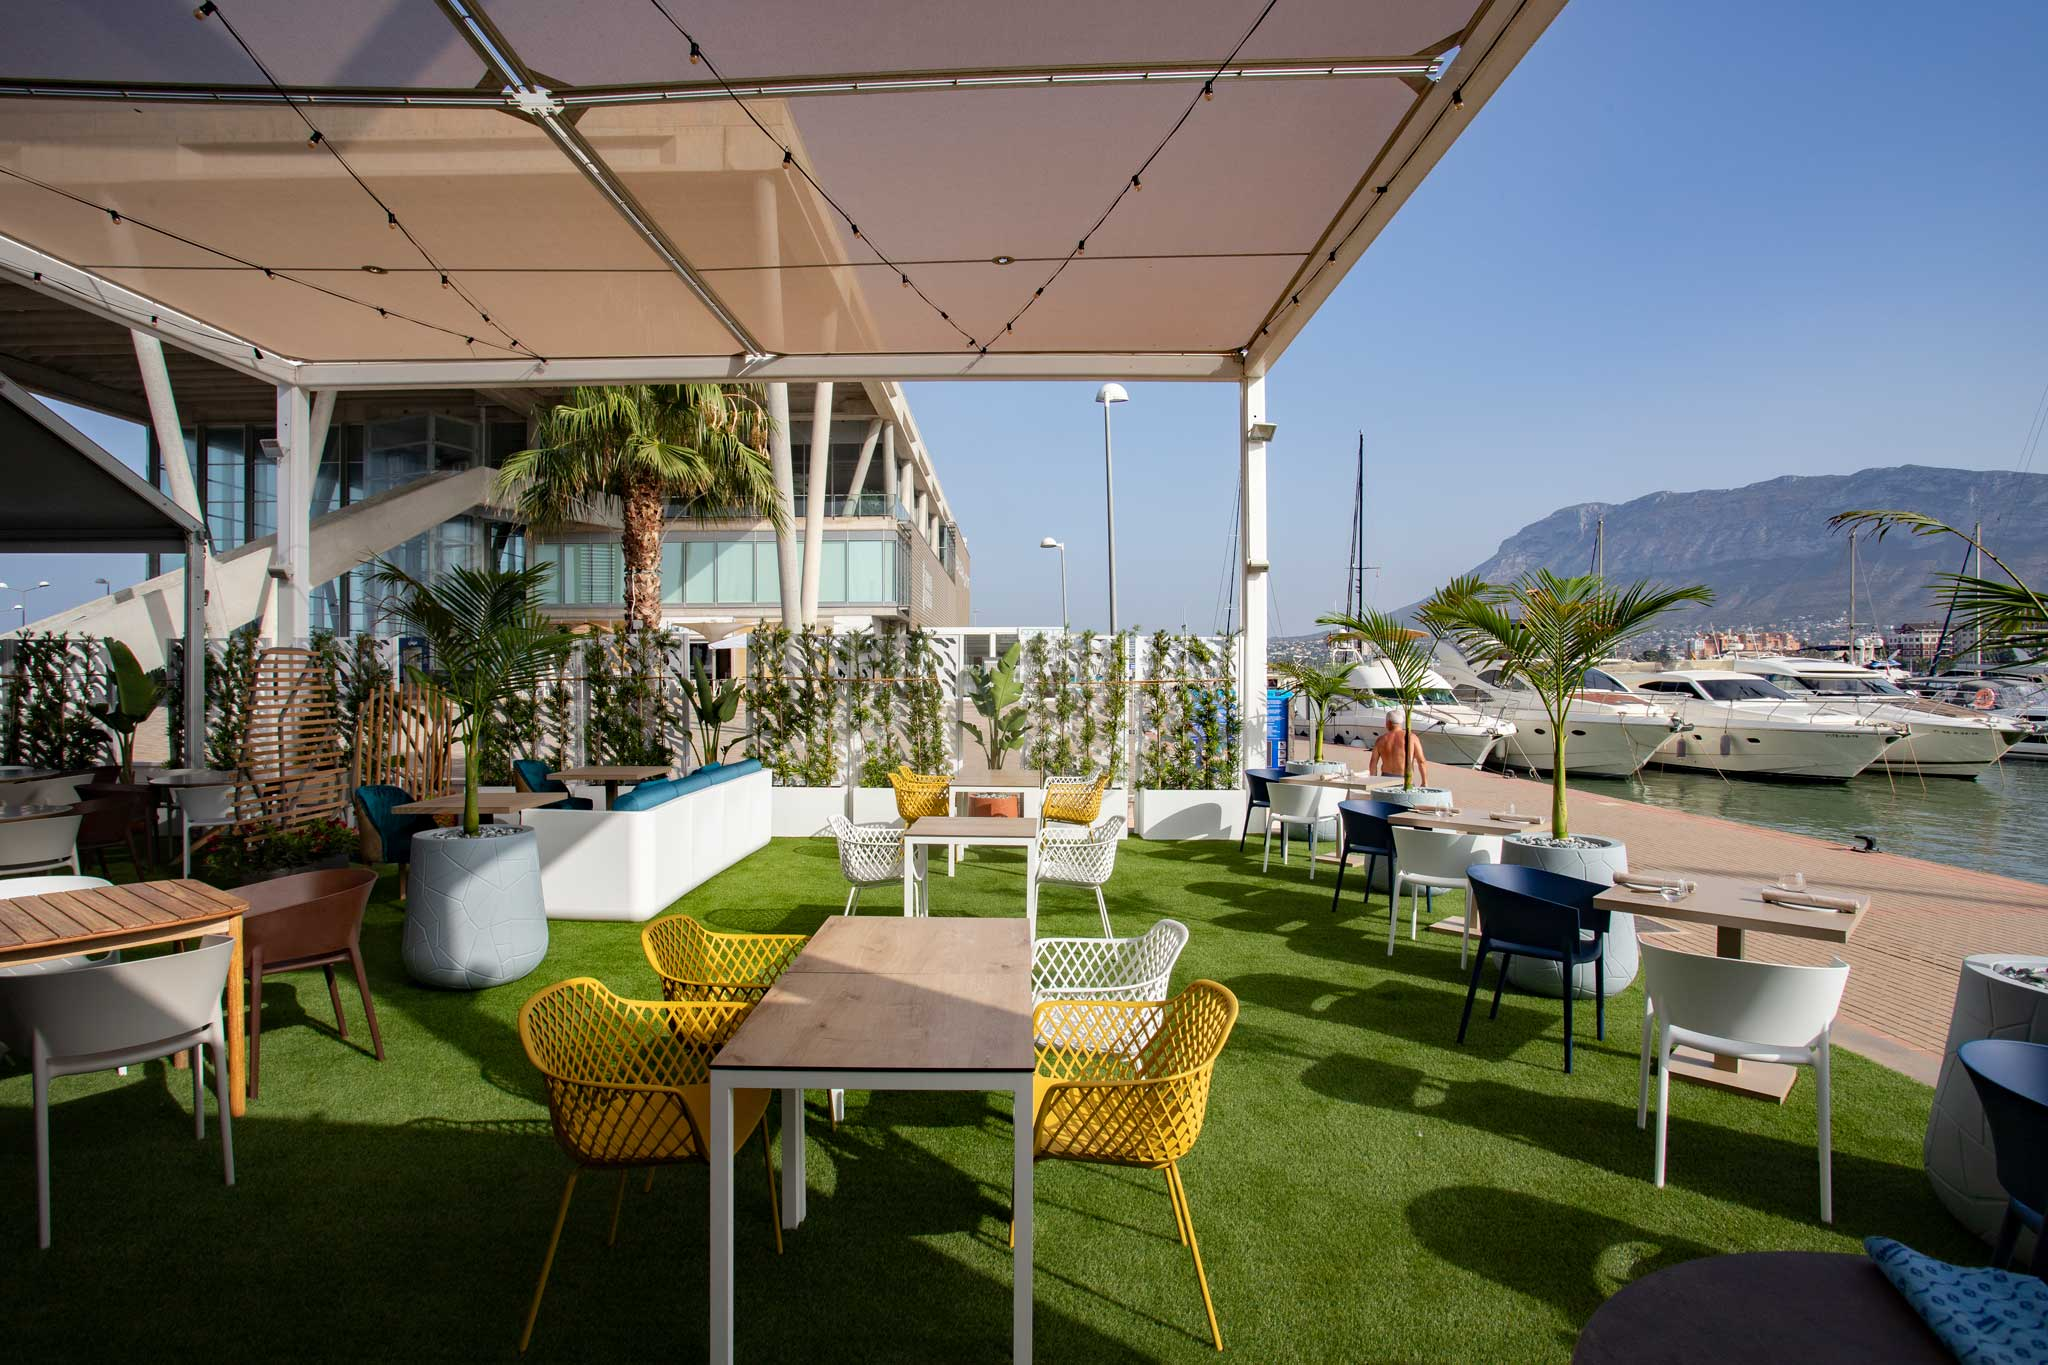 Restaurante con terraza en Denia – Restaurante Nomada